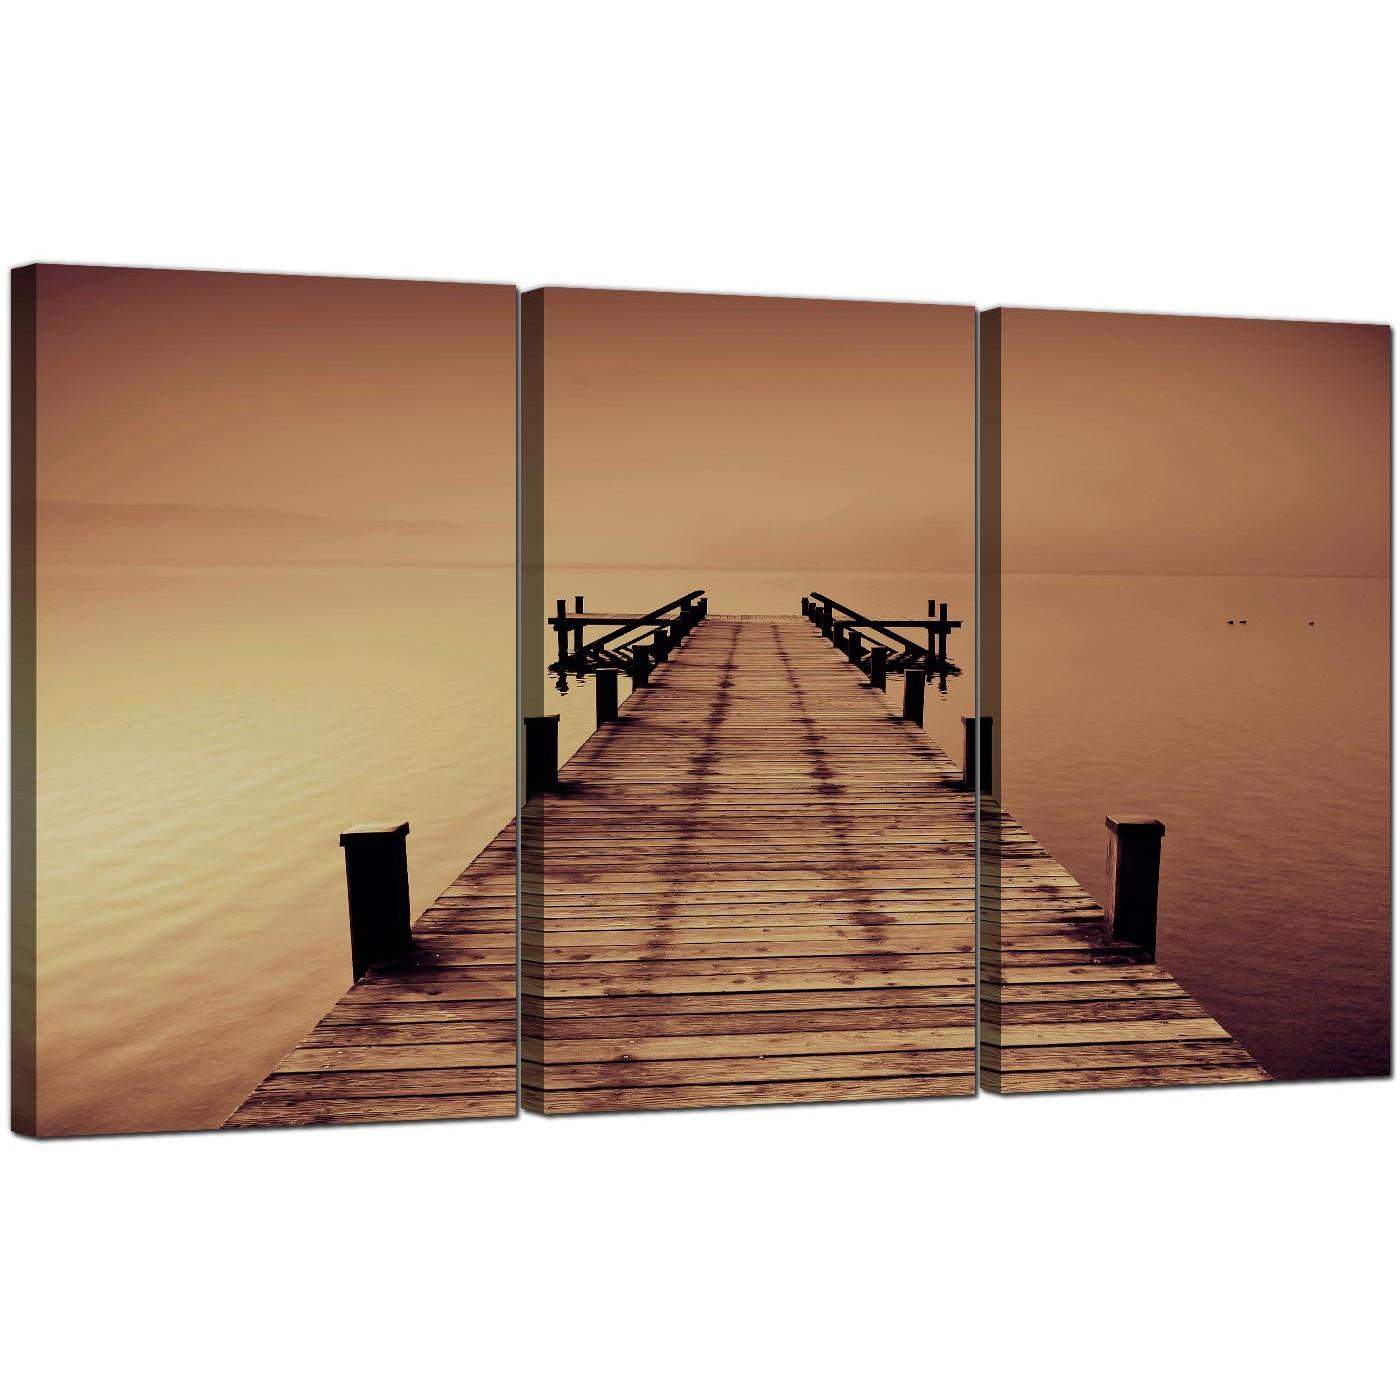 Display Gallery Item 6